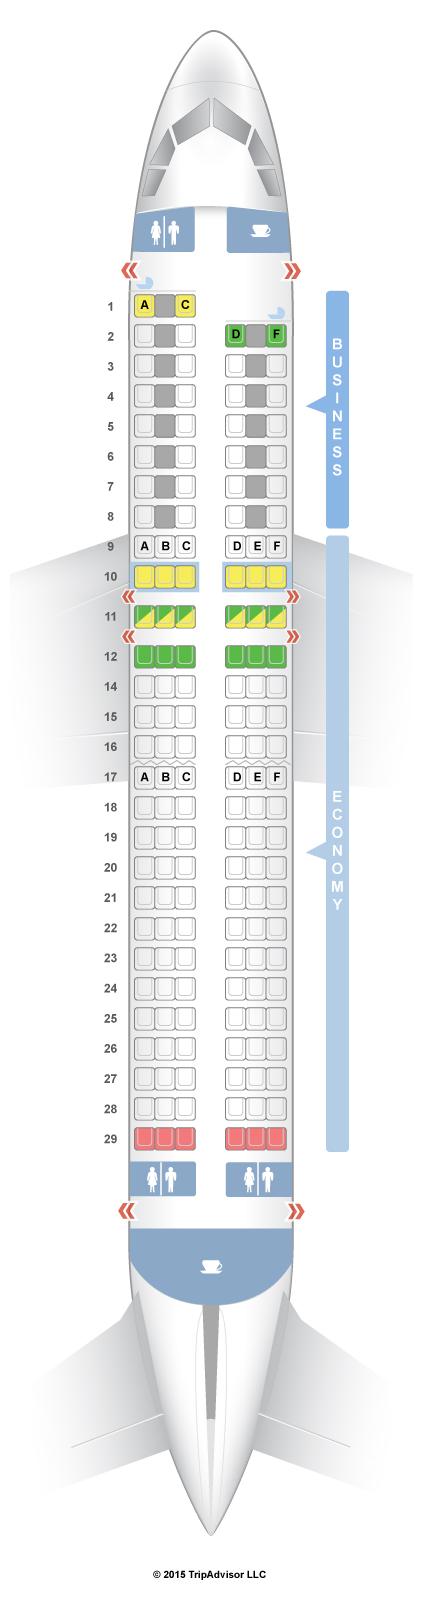 Seatguru seat map air france airbus a320 320 europe v1 for Interieur avion ryanair